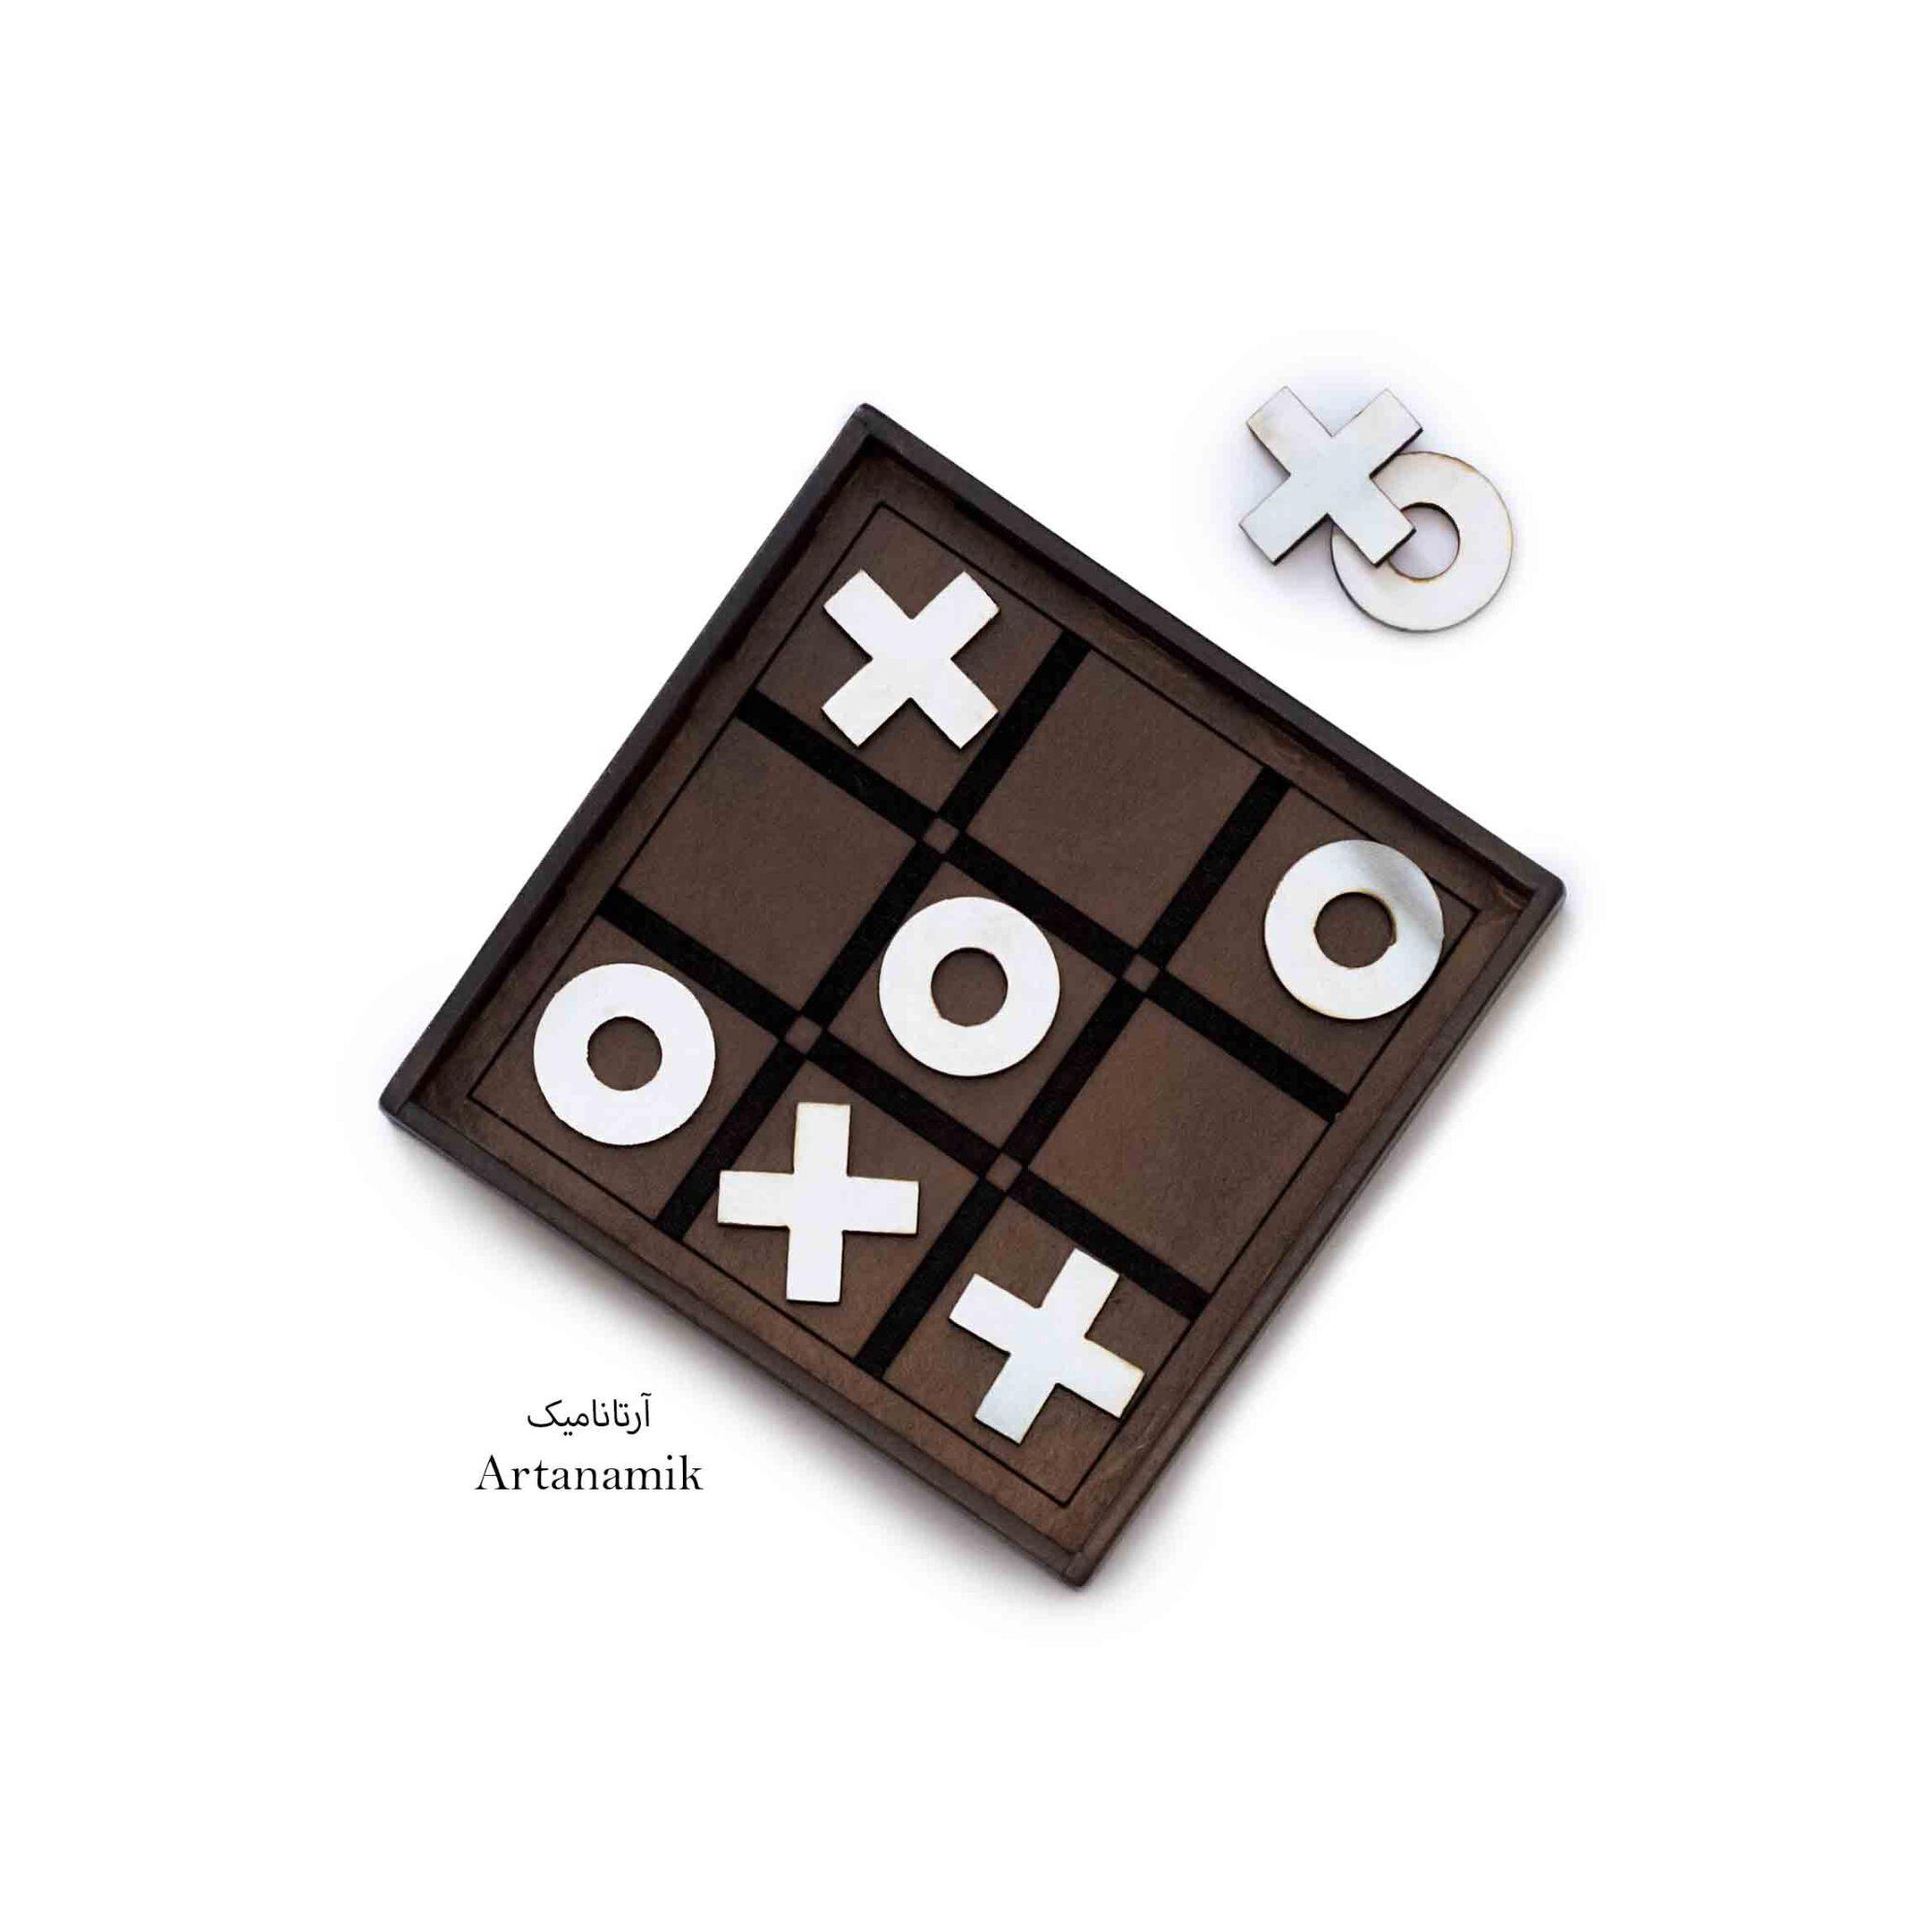 باکس شامل 6 بازی : شطرنج ، منچ ، دومینو ، دوز ، کارت ، تخته نرد.